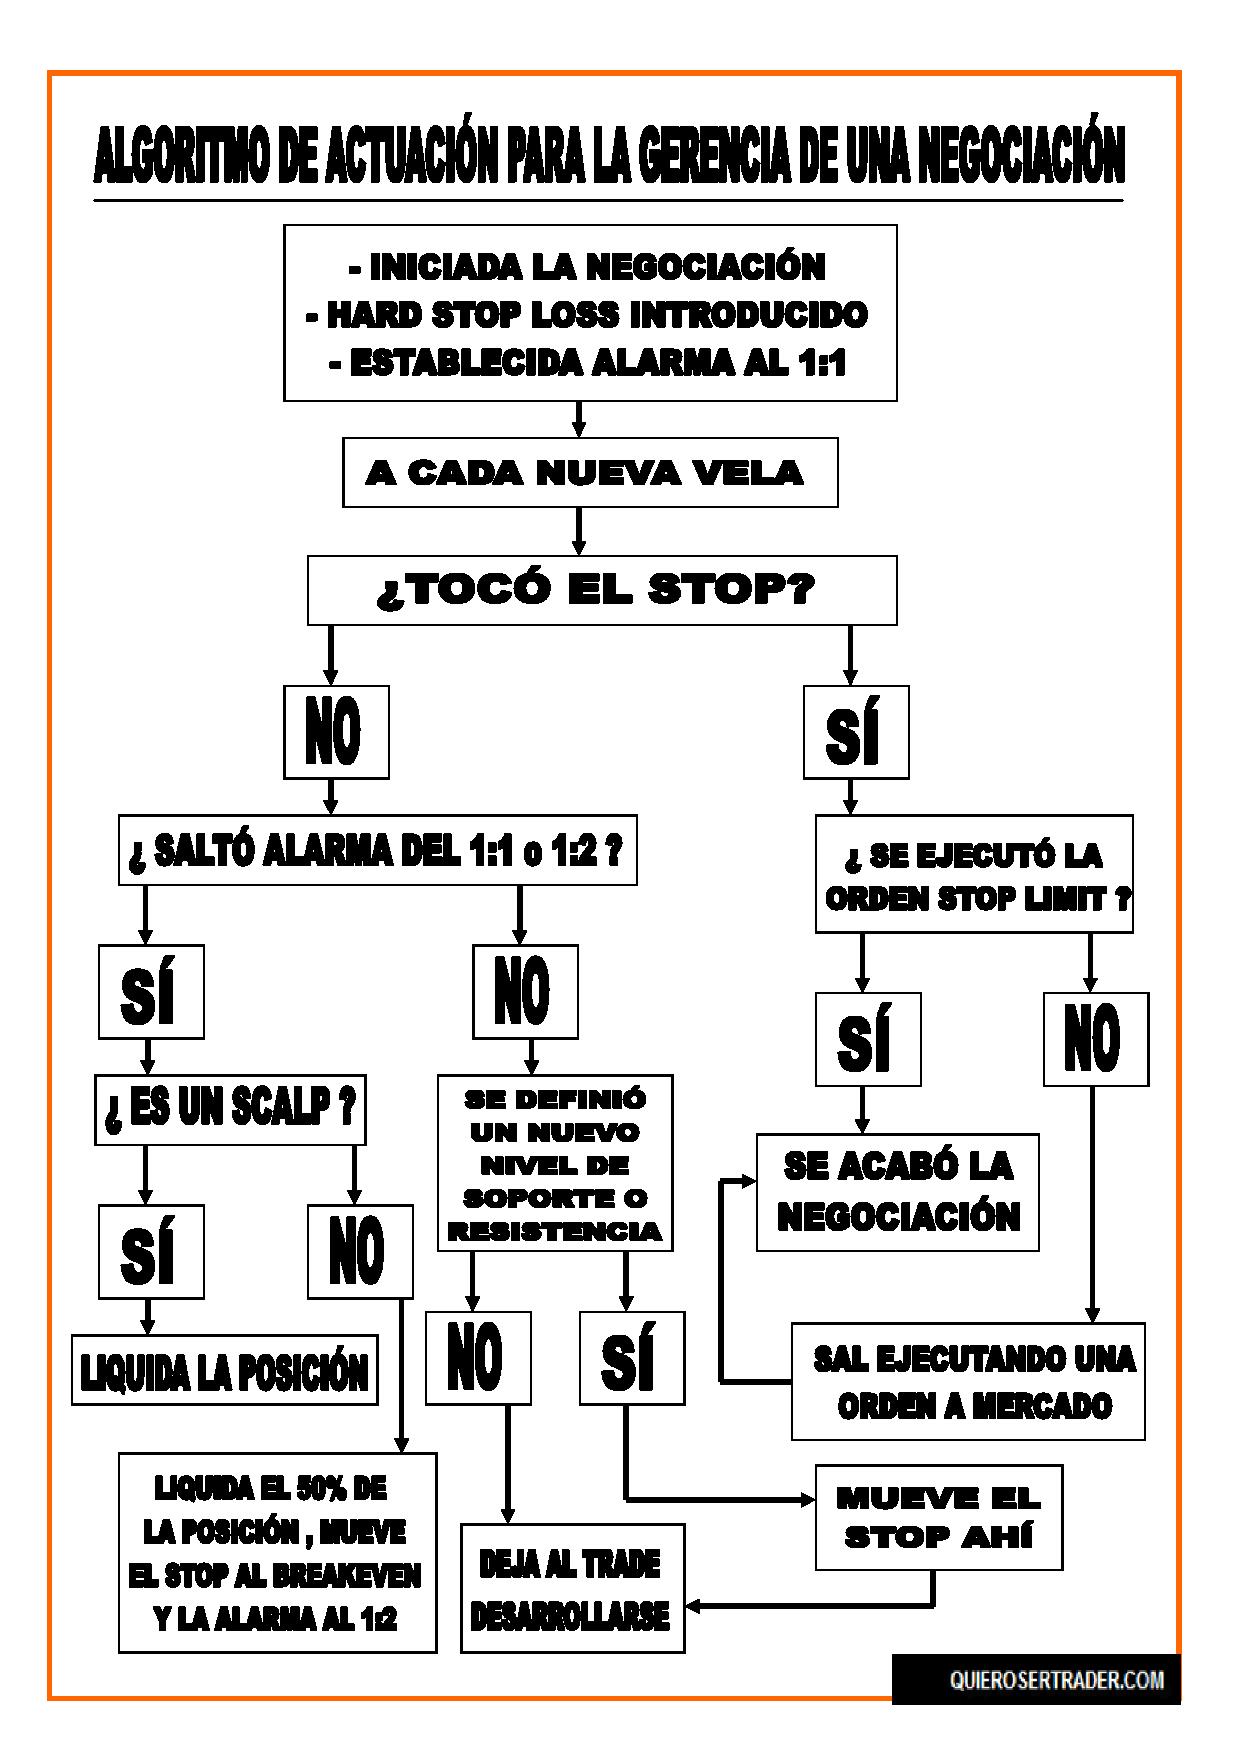 ALGORITMO DE ACTUACION PARA LA GERENCIA DE LA NEGOCIACION.png